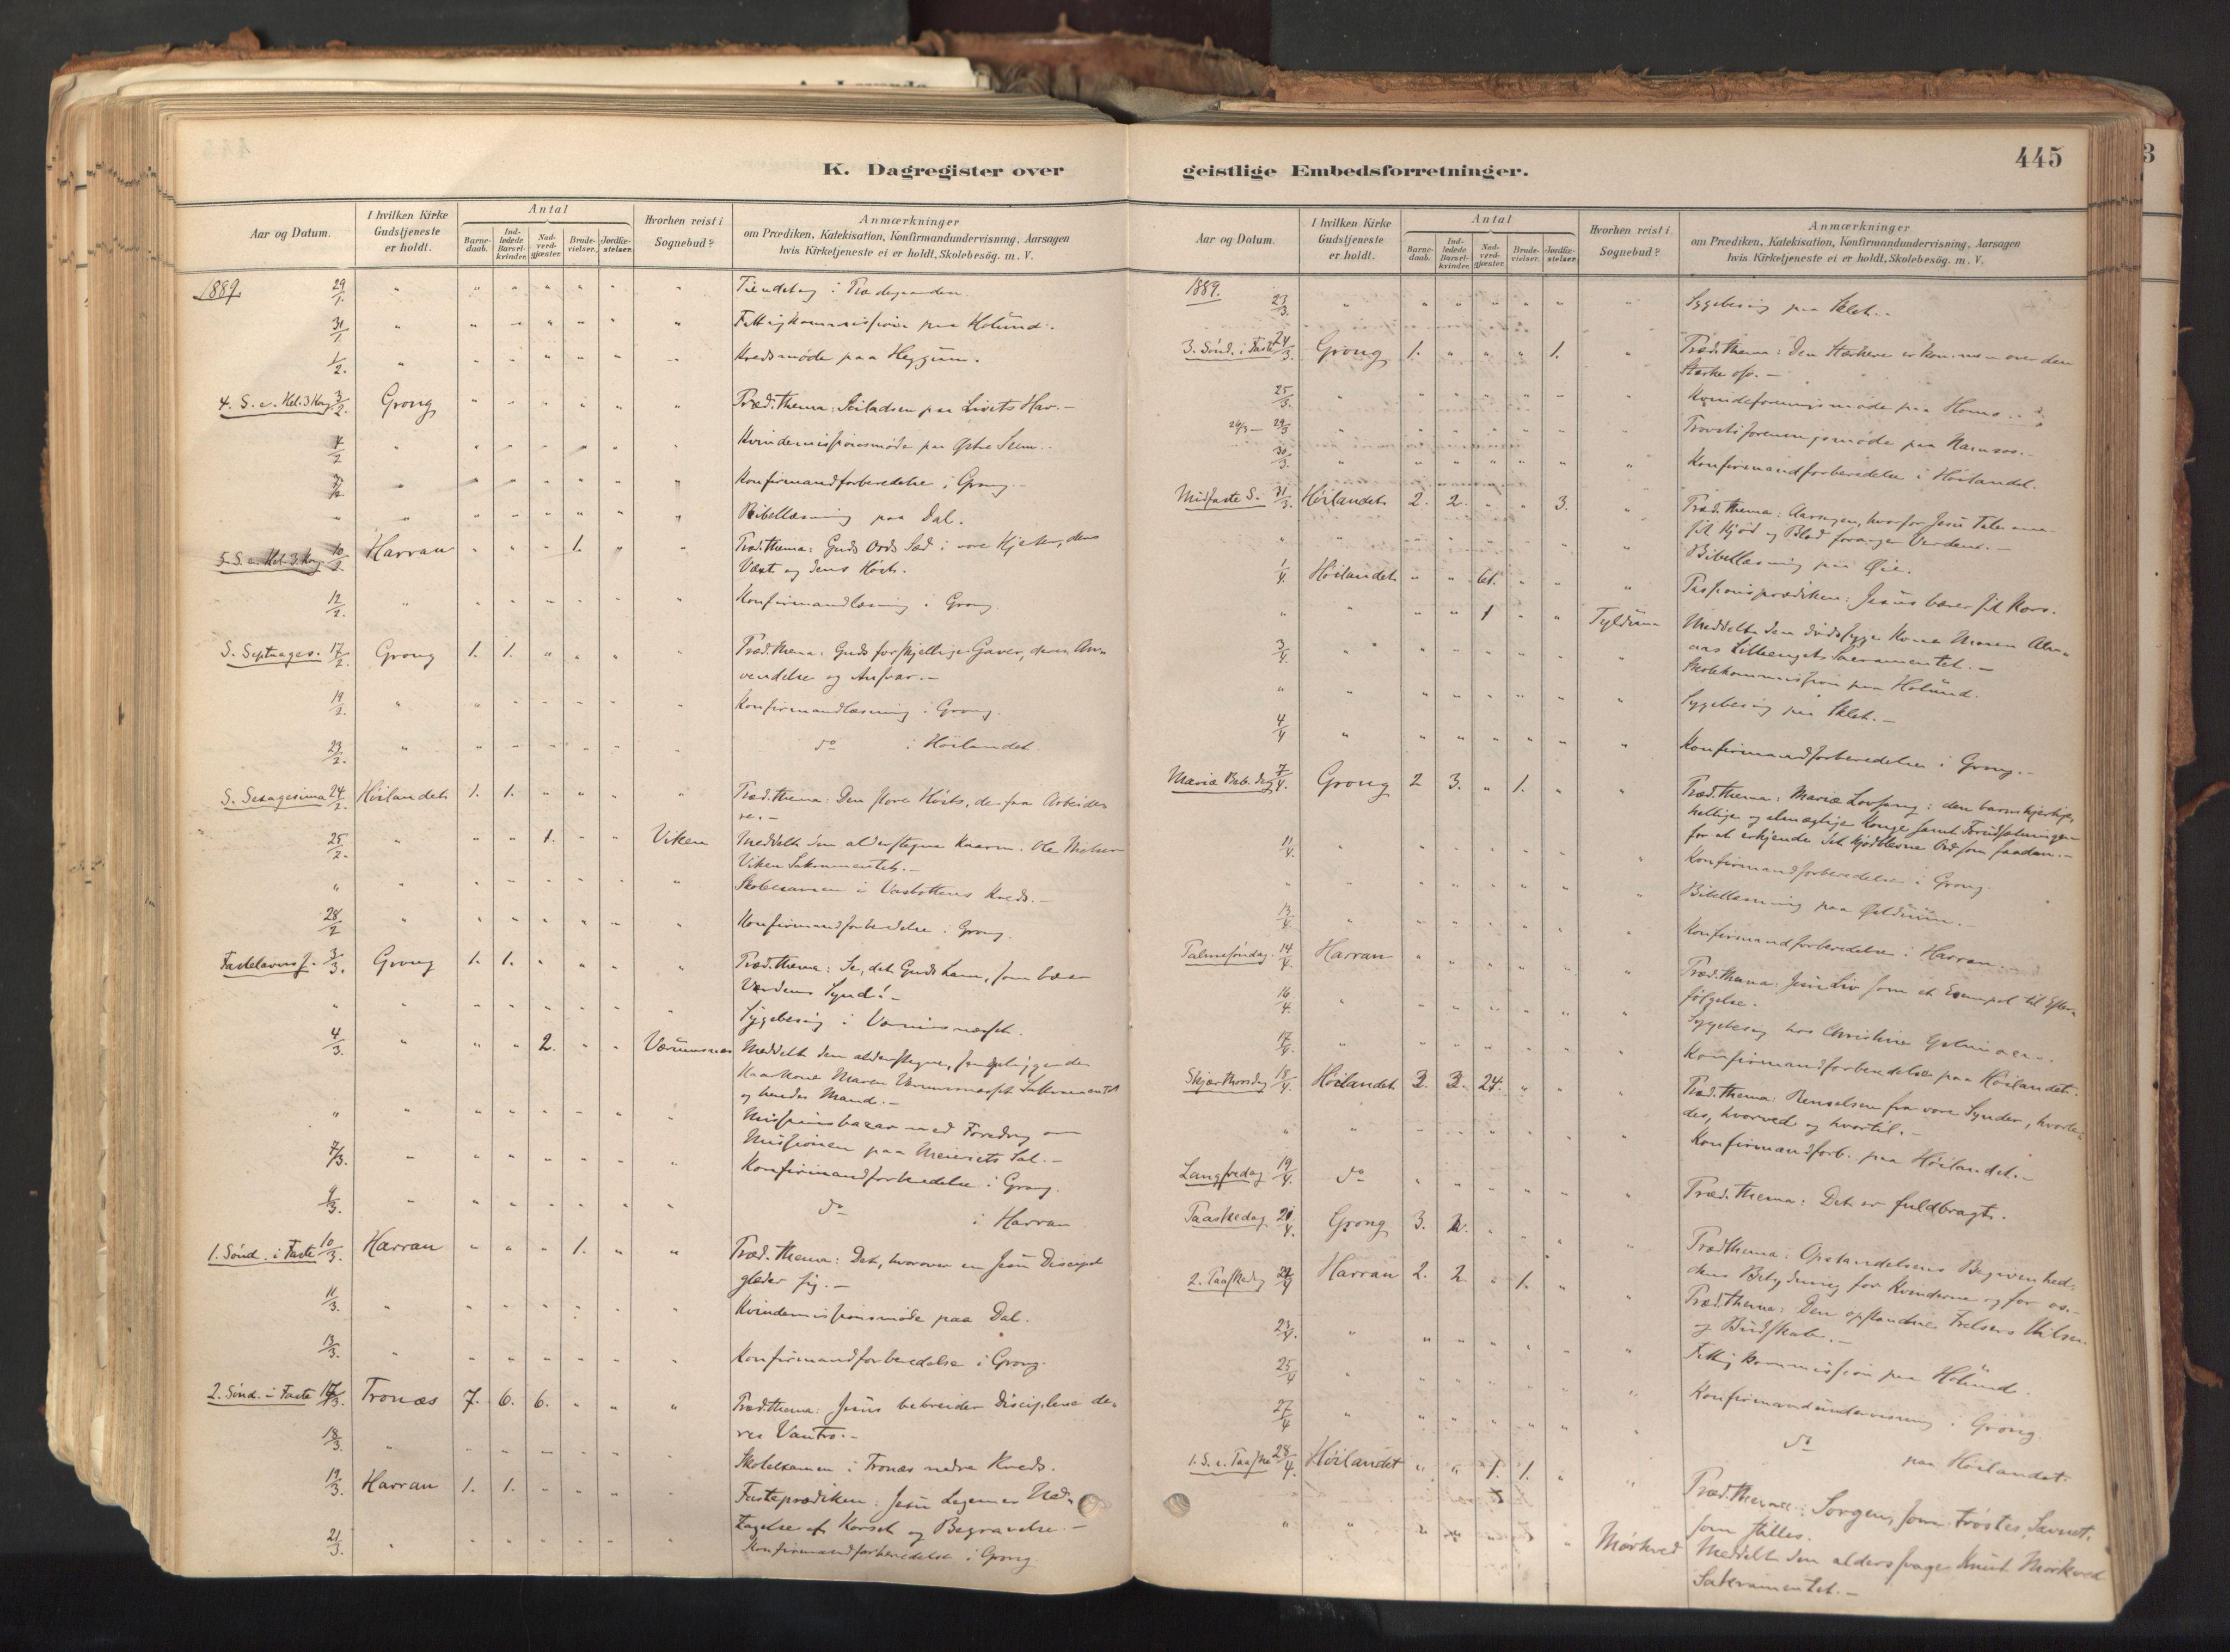 SAT, Ministerialprotokoller, klokkerbøker og fødselsregistre - Nord-Trøndelag, 758/L0519: Ministerialbok nr. 758A04, 1880-1926, s. 445